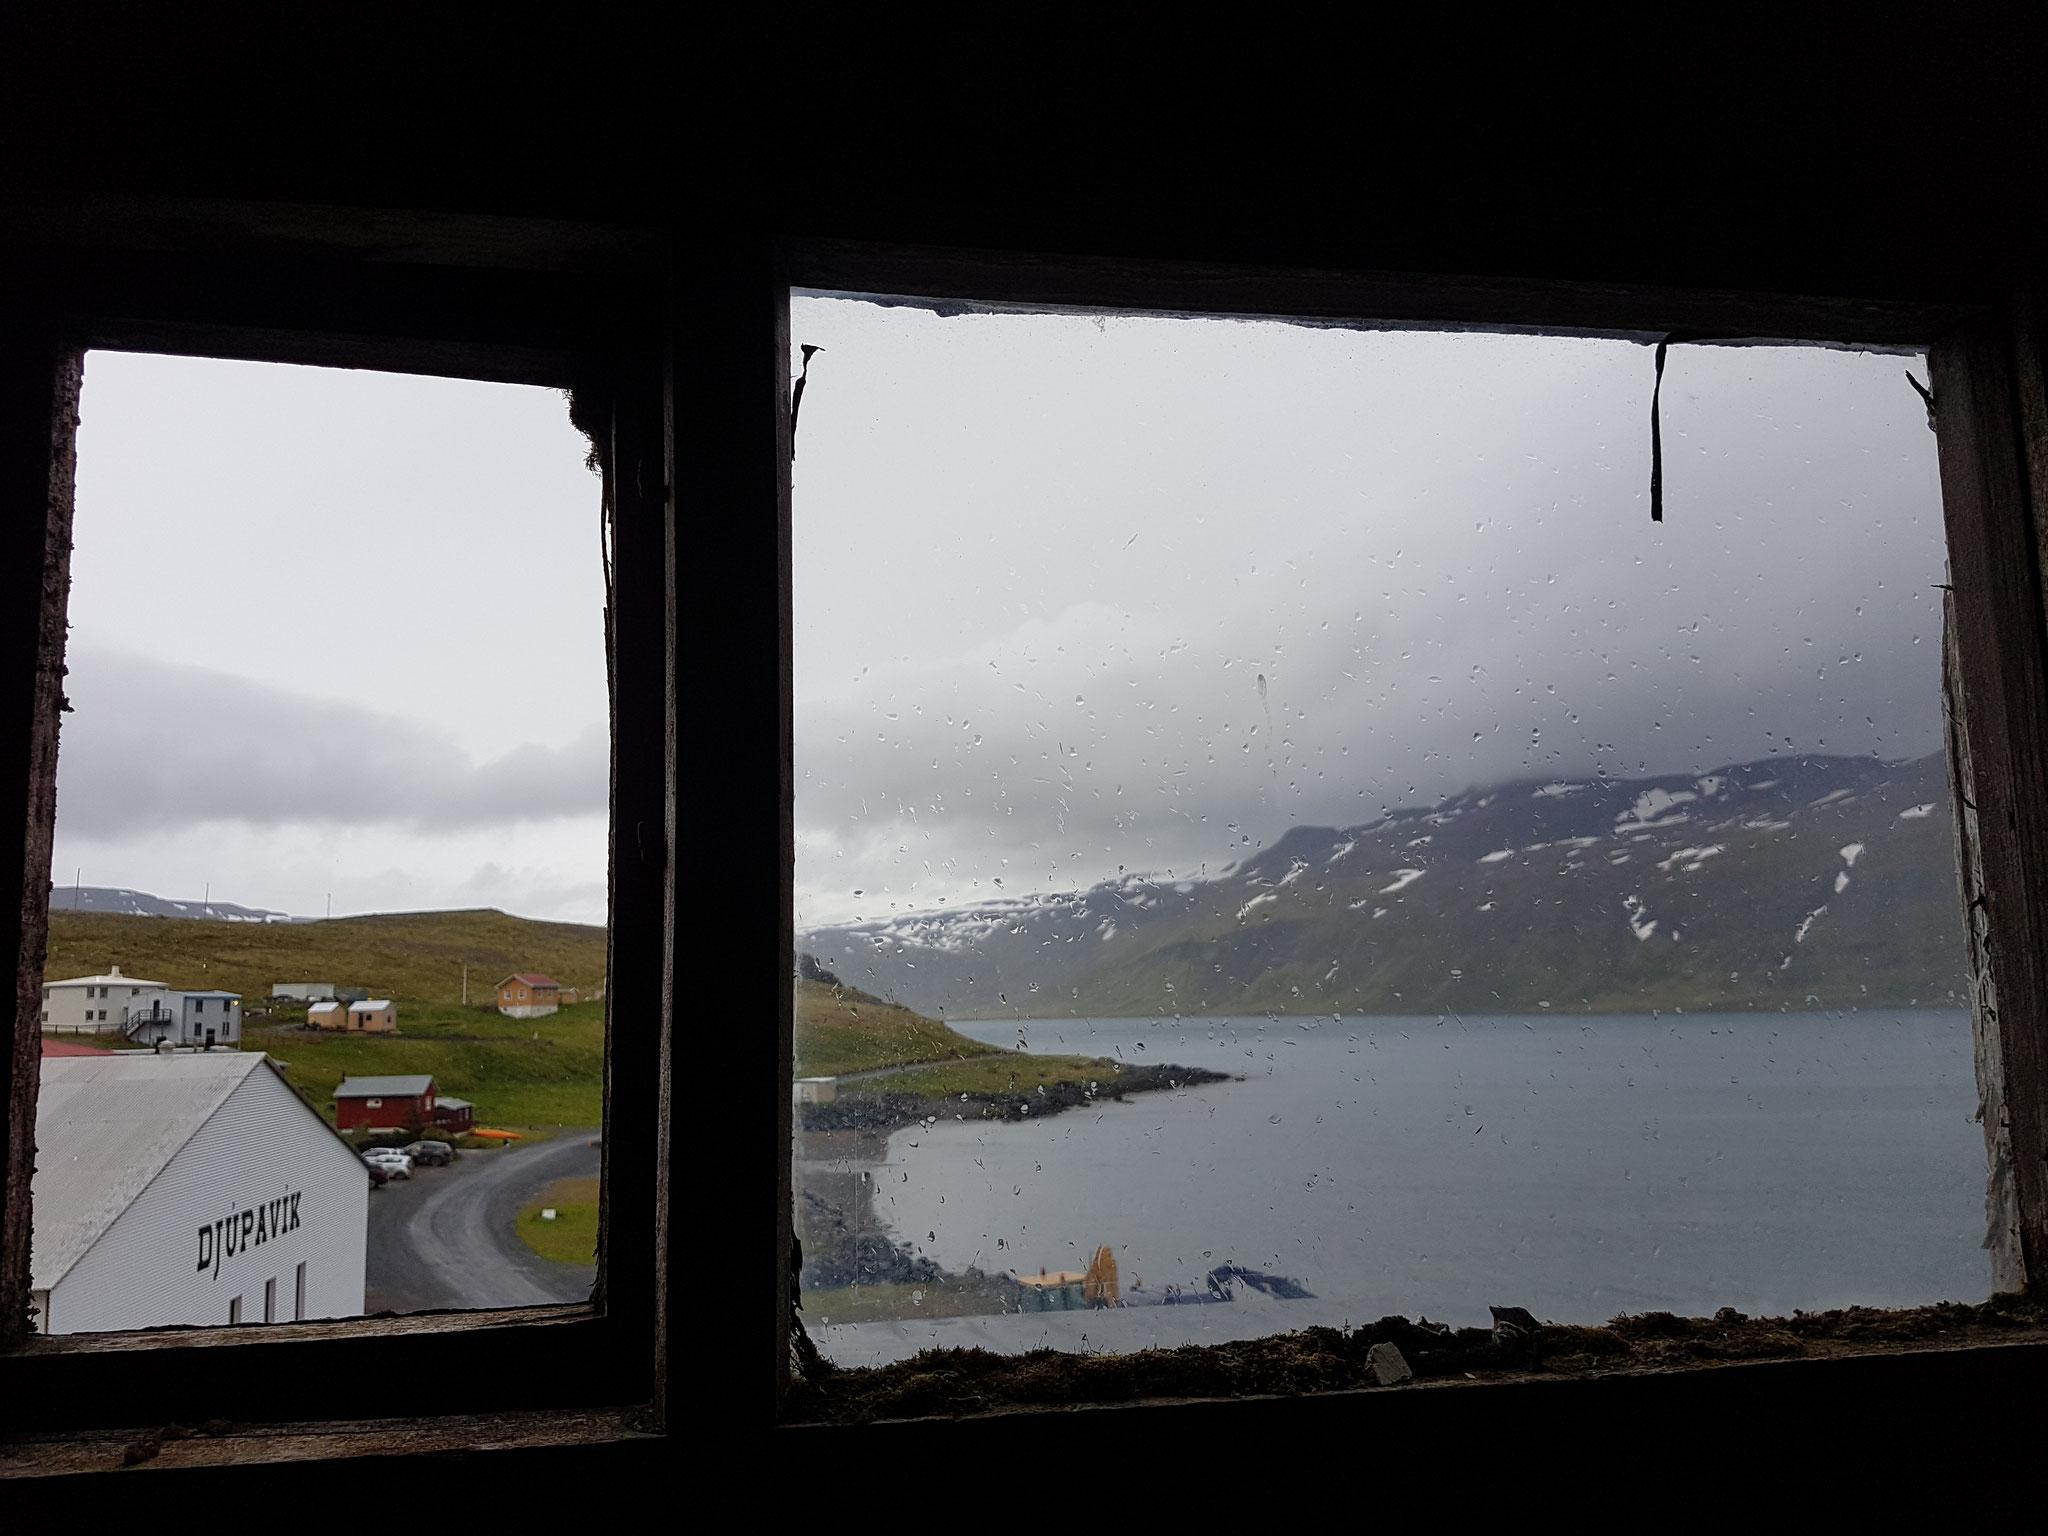 Aussicht aus der alten Fischfabrik in Djupavik